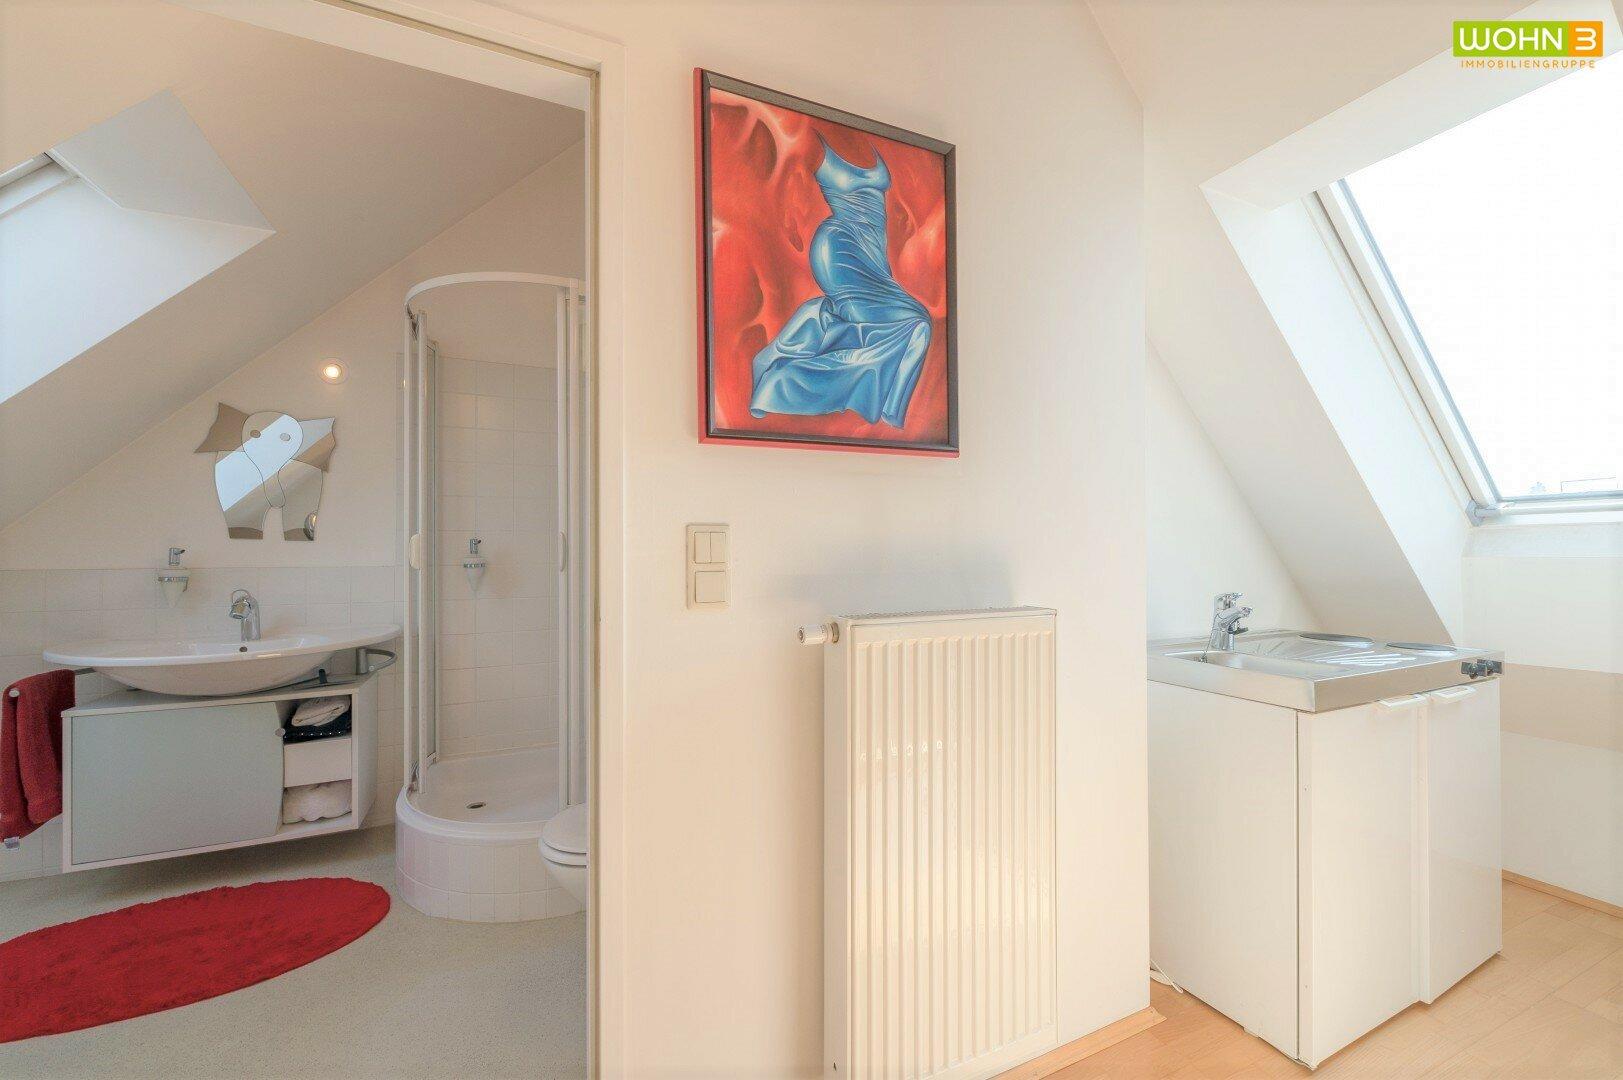 Galerie - Badezimmer & Kochnische